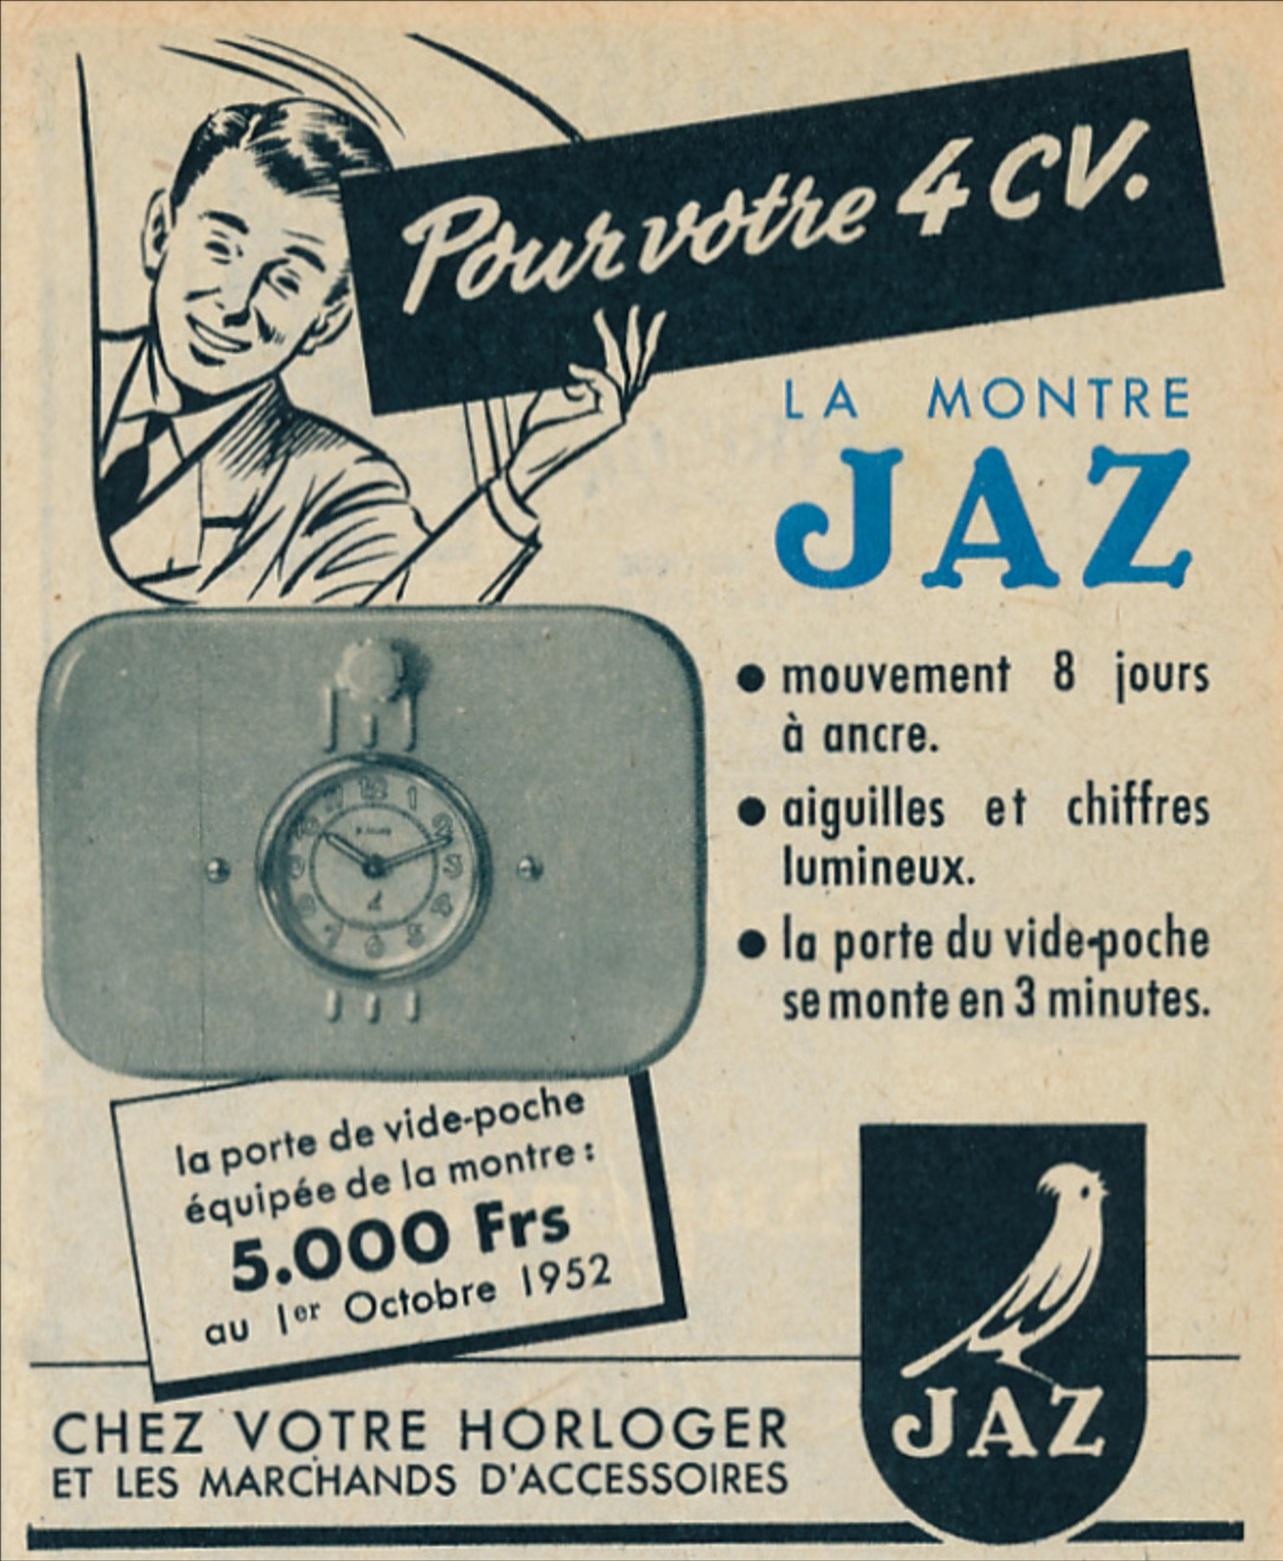 publicite-1952-montre-jaz-pour-votre-4-cv-la-porte-de-vide-poche-equipee-de-la-montre